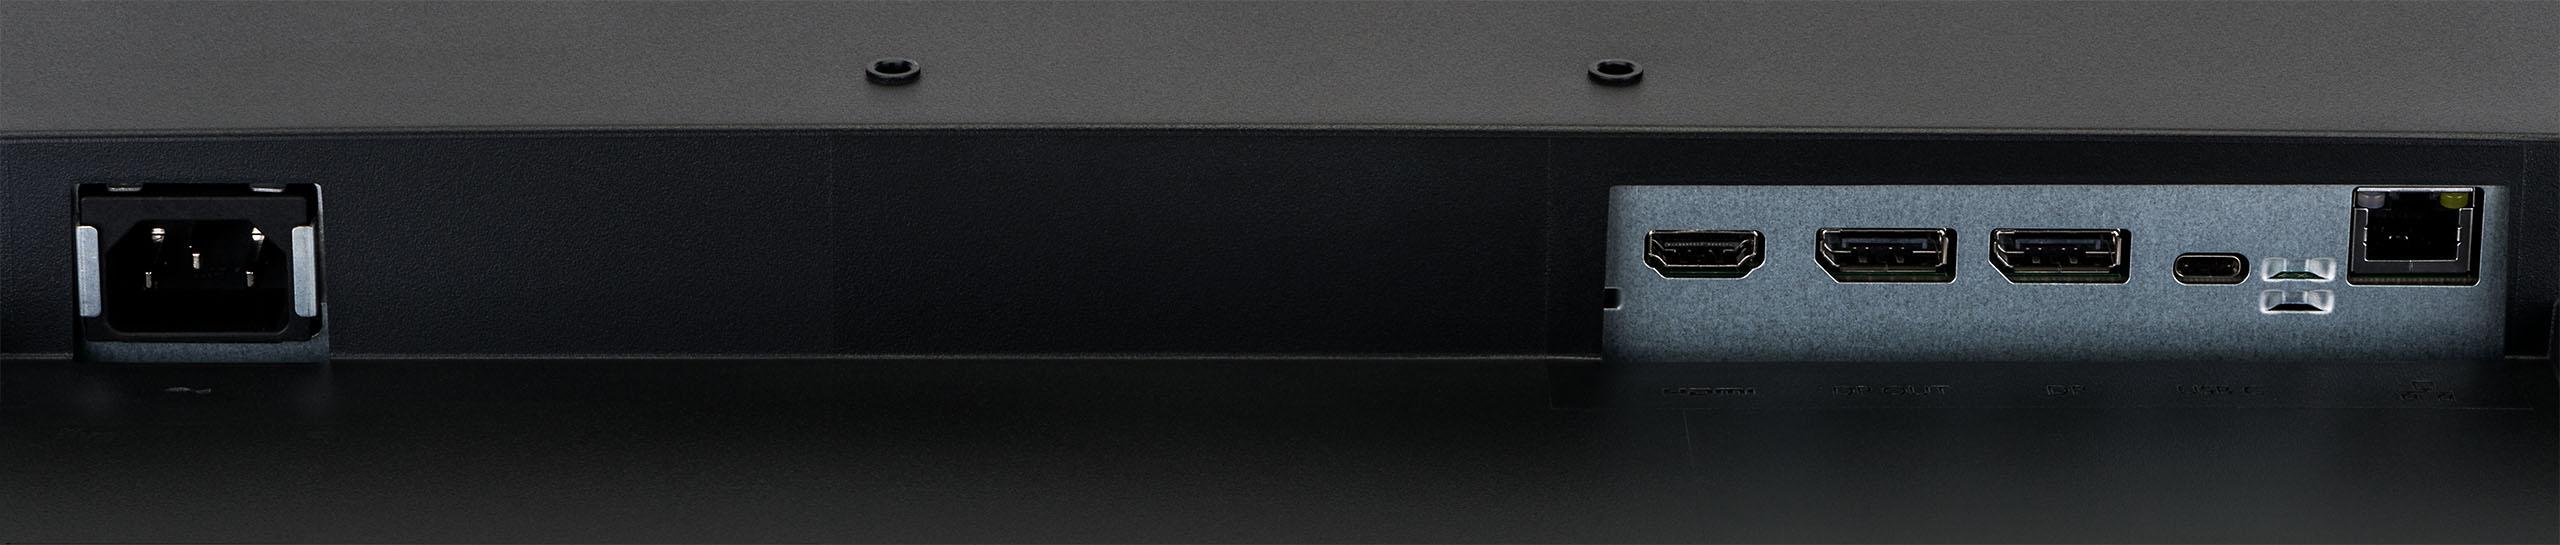 XUB2492HSN-B180.jpg